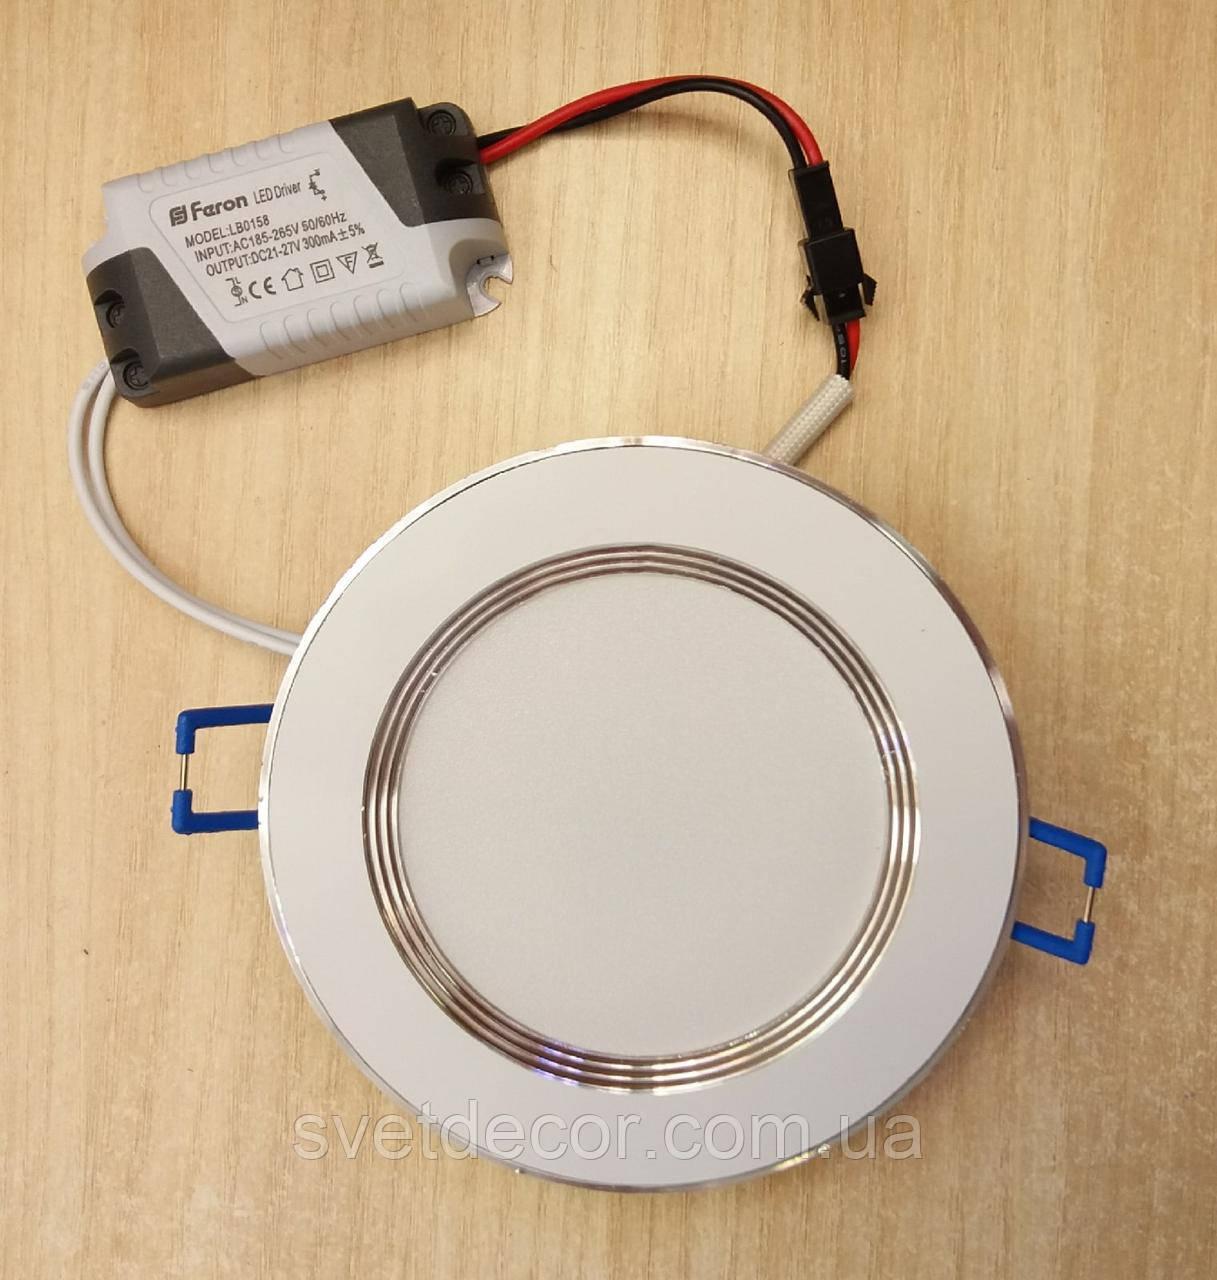 Світлодіодний світильник Feron AL527 7w 2700К білий (LED панель)